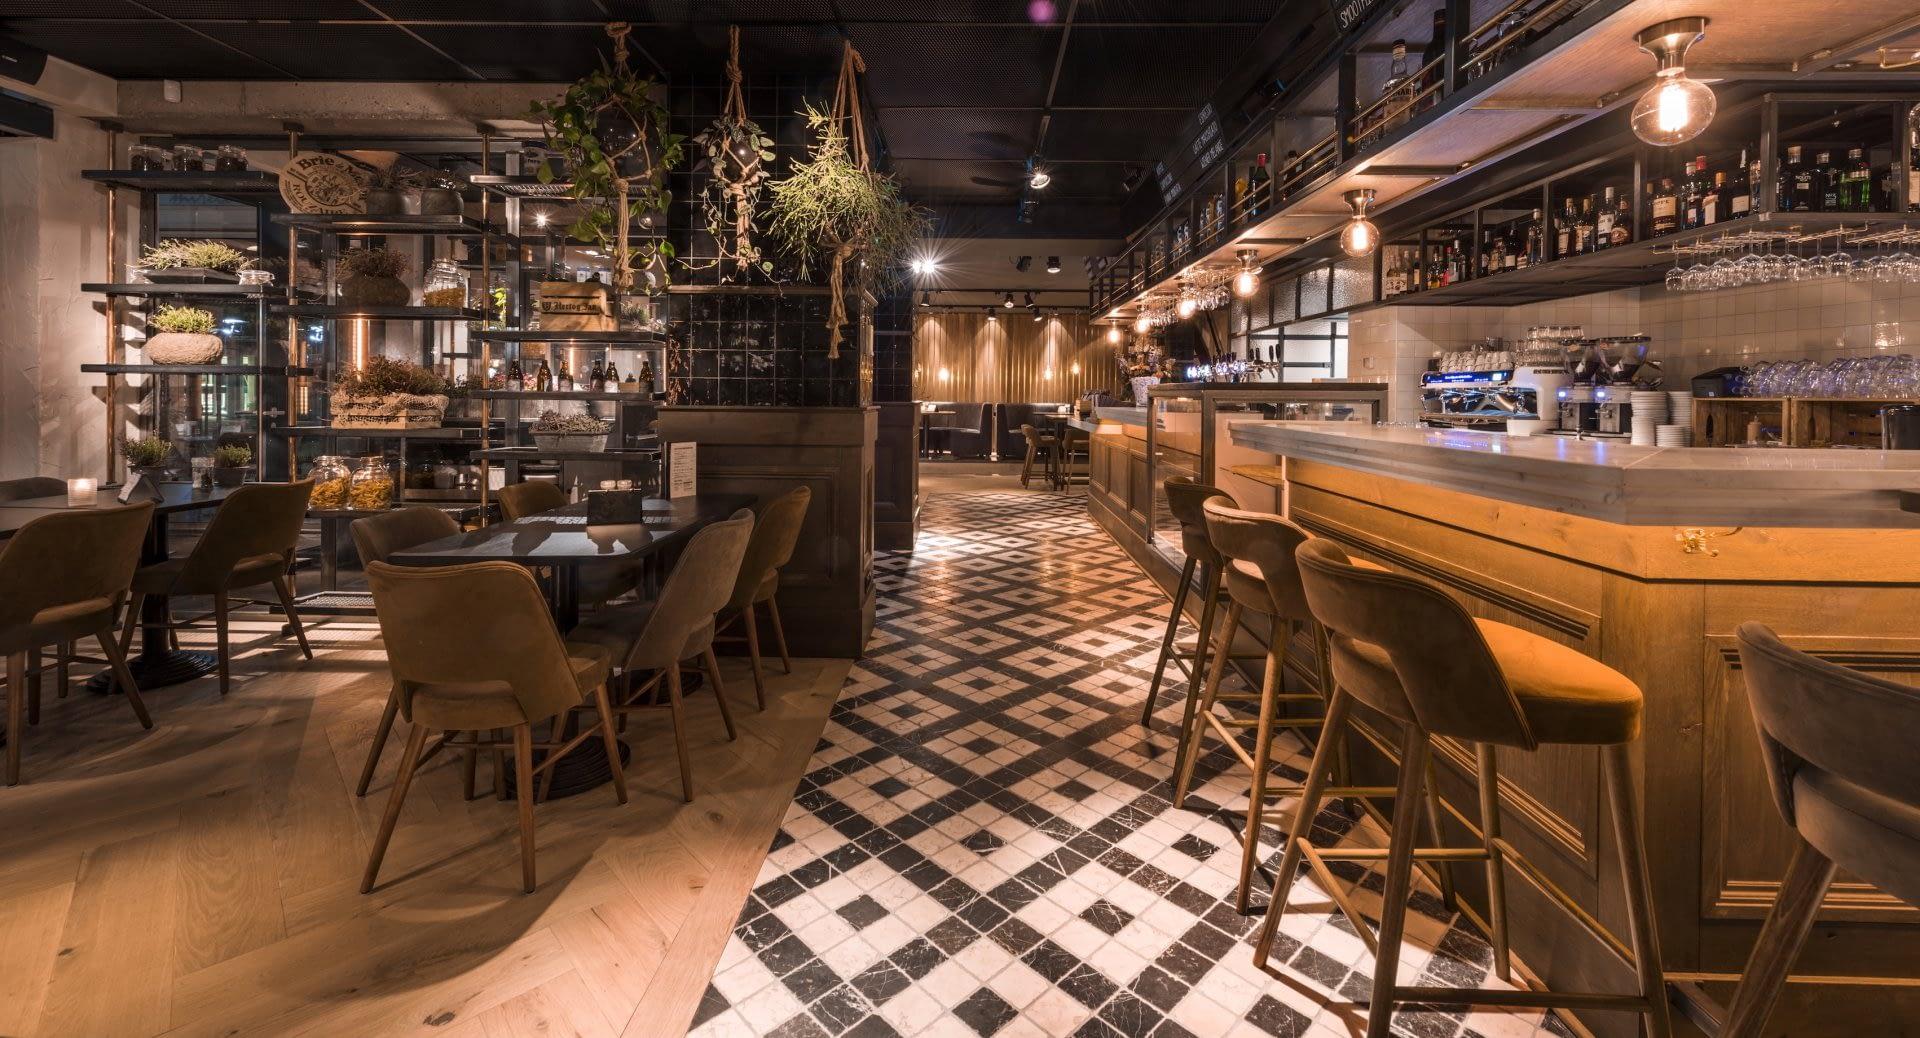 interieur van brasserie Mirell in Naaldwijk met mozaik vloer, houten bar en tafeltjes